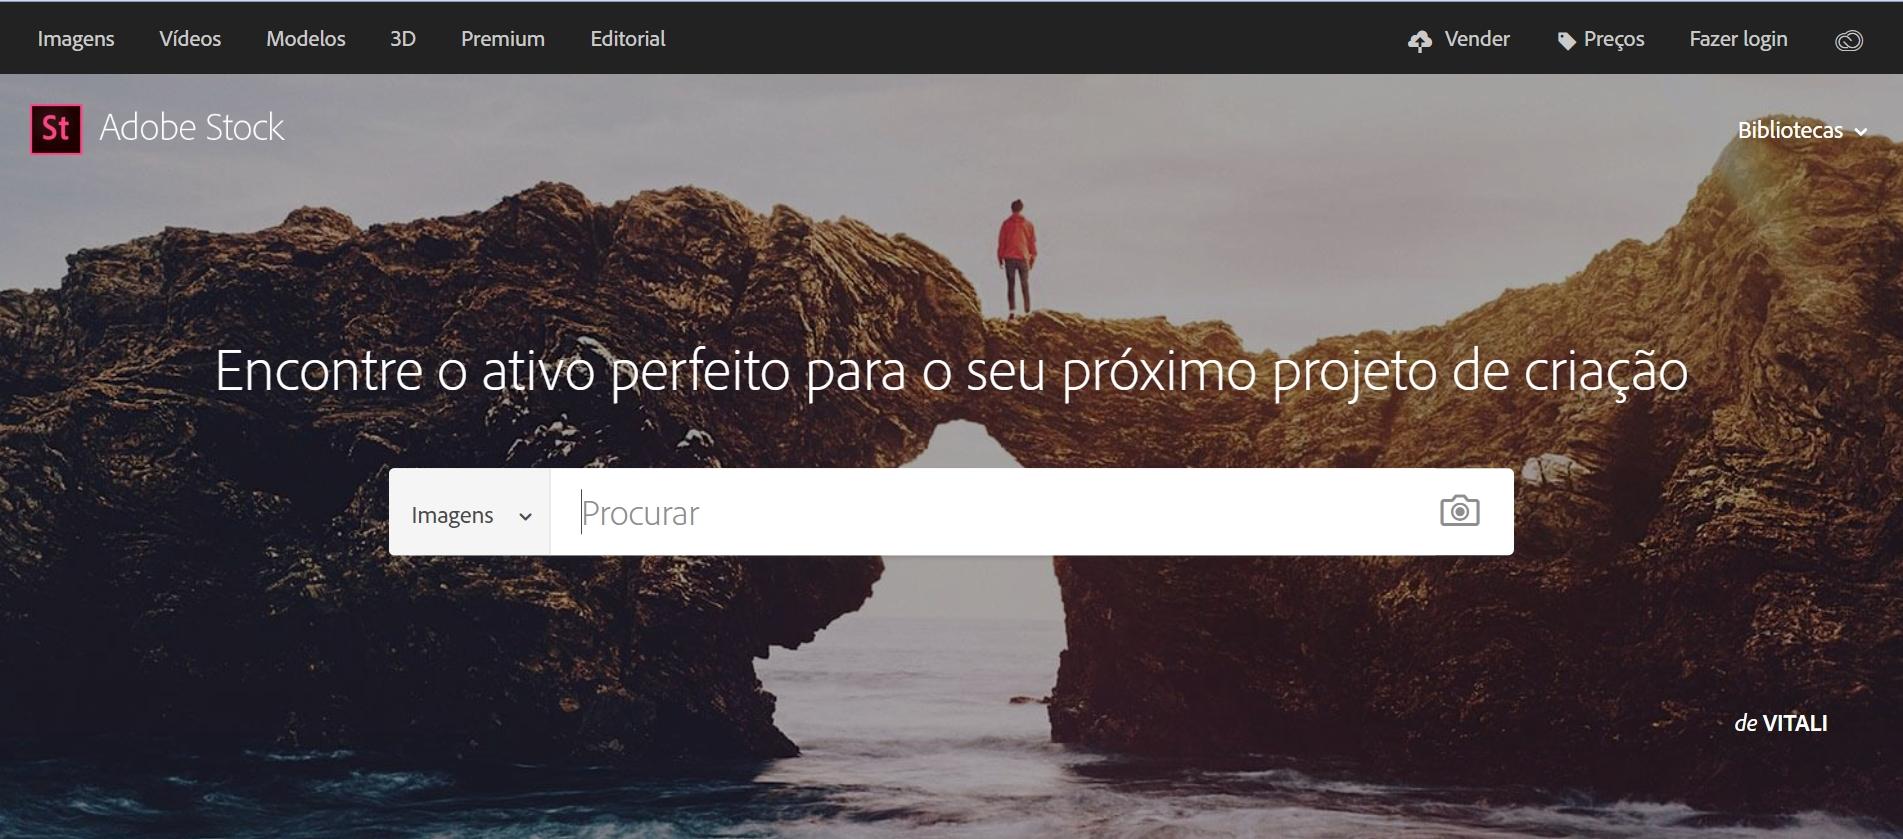 Adobe Stock - Imagem 1 do software